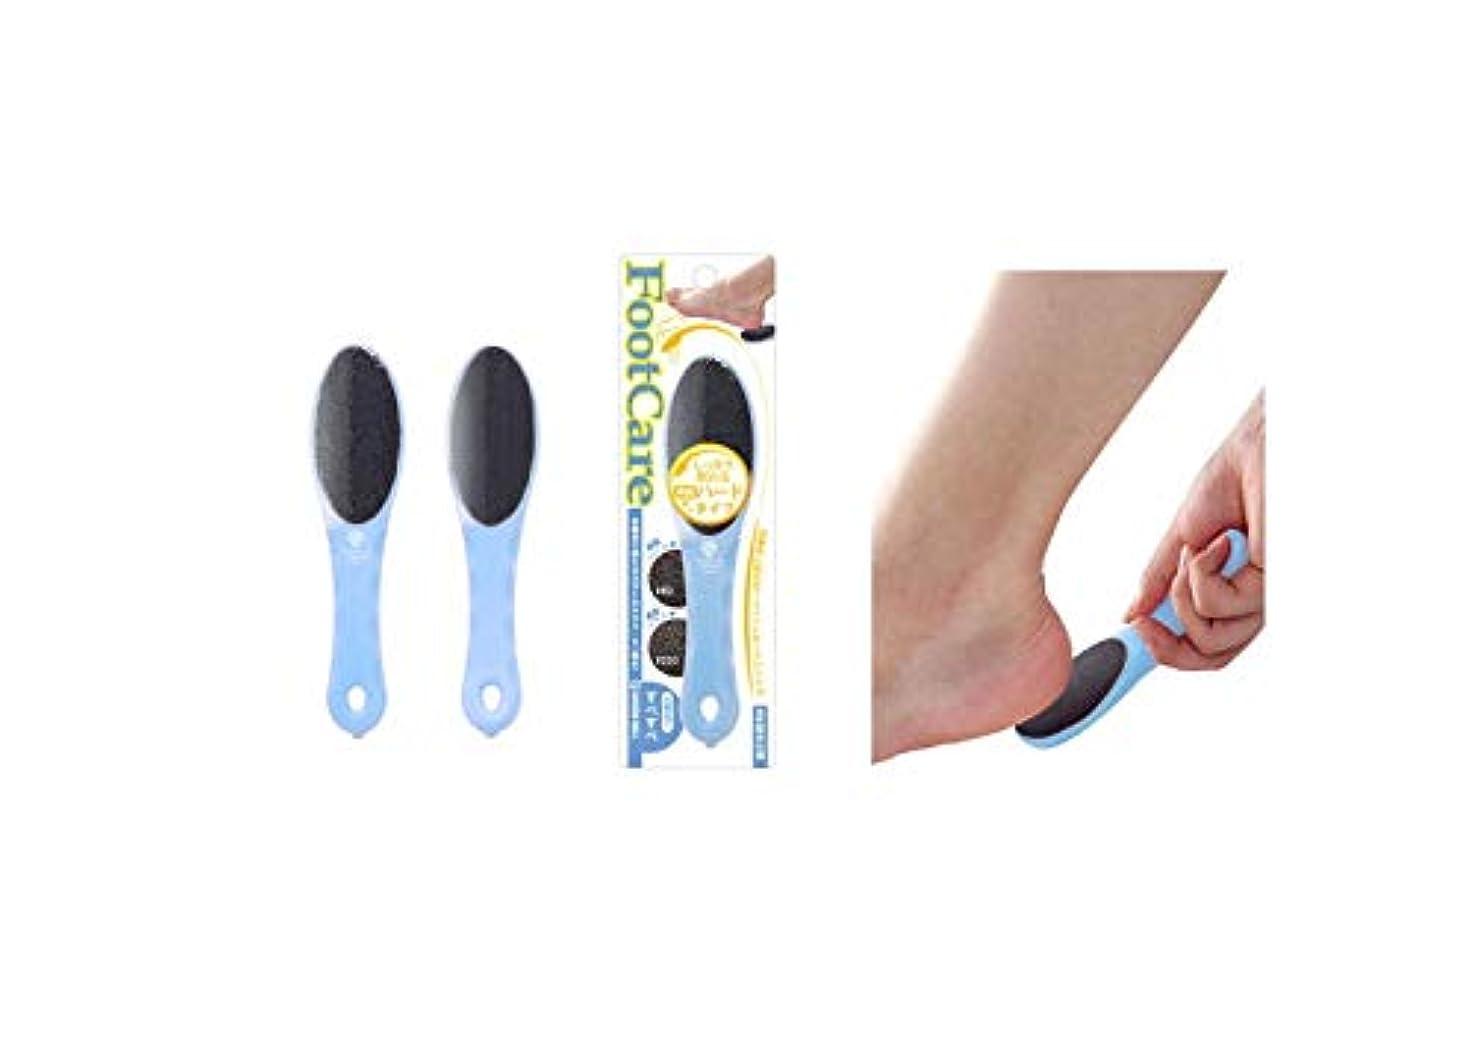 置換むき出し推定するお風呂で使えるカカトのヤスリ(粗め) Sサイズ PSG-044